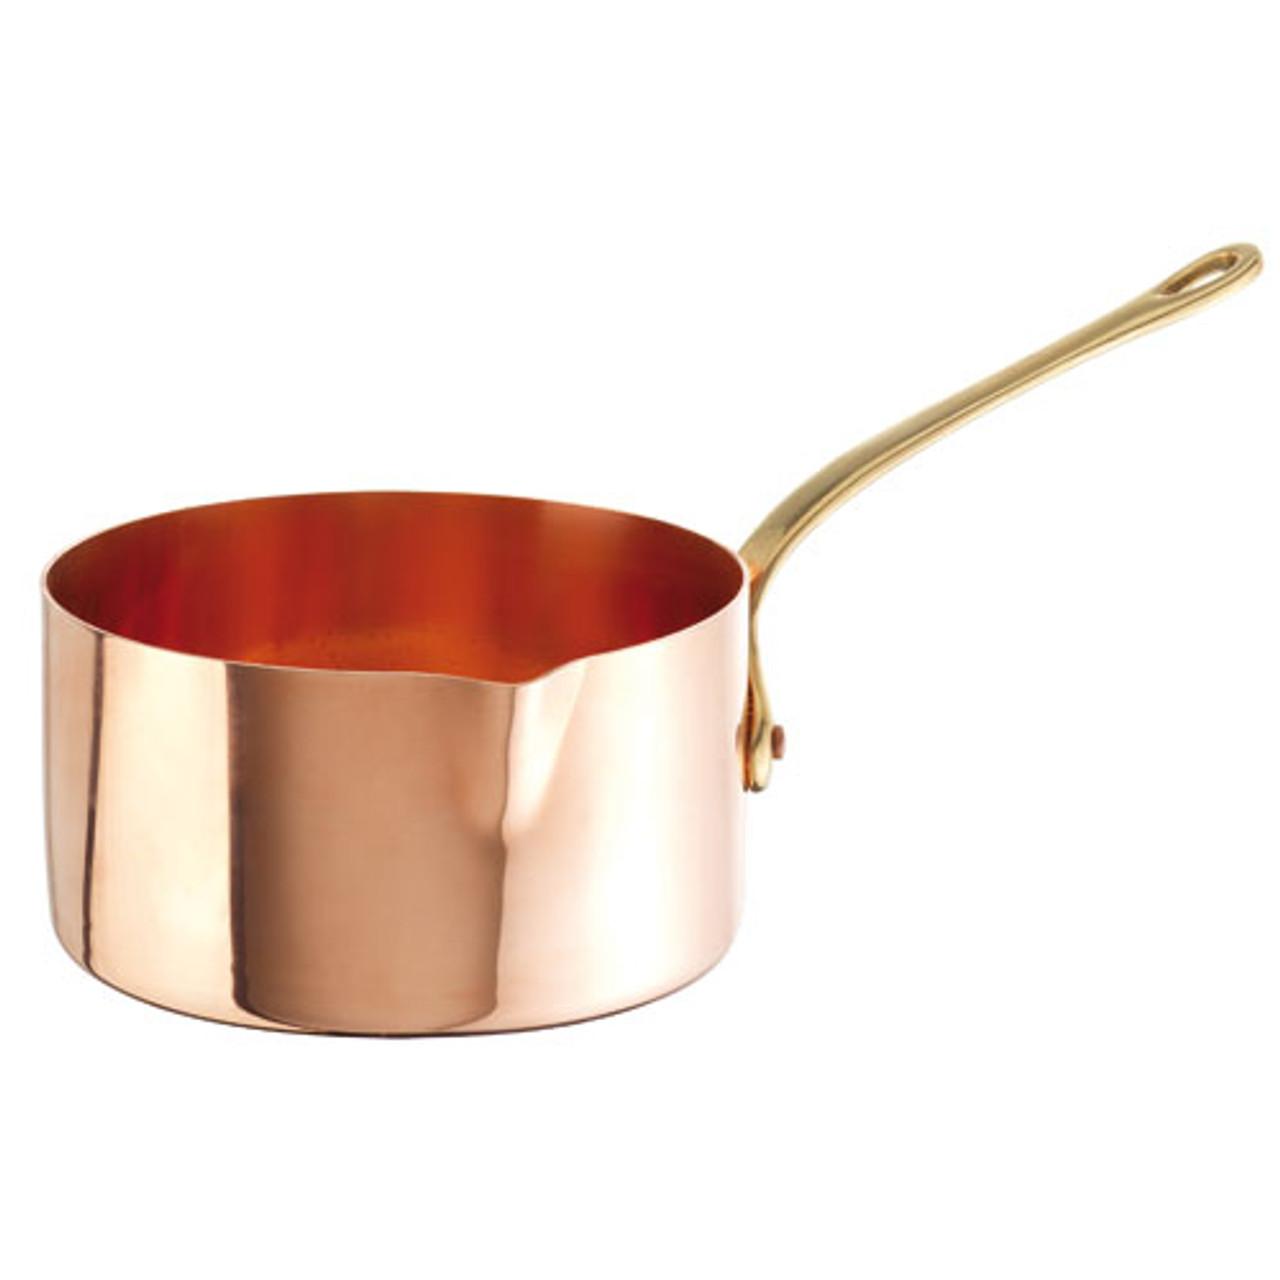 Sugar Pan, Solid Copper, 3 3/8QT